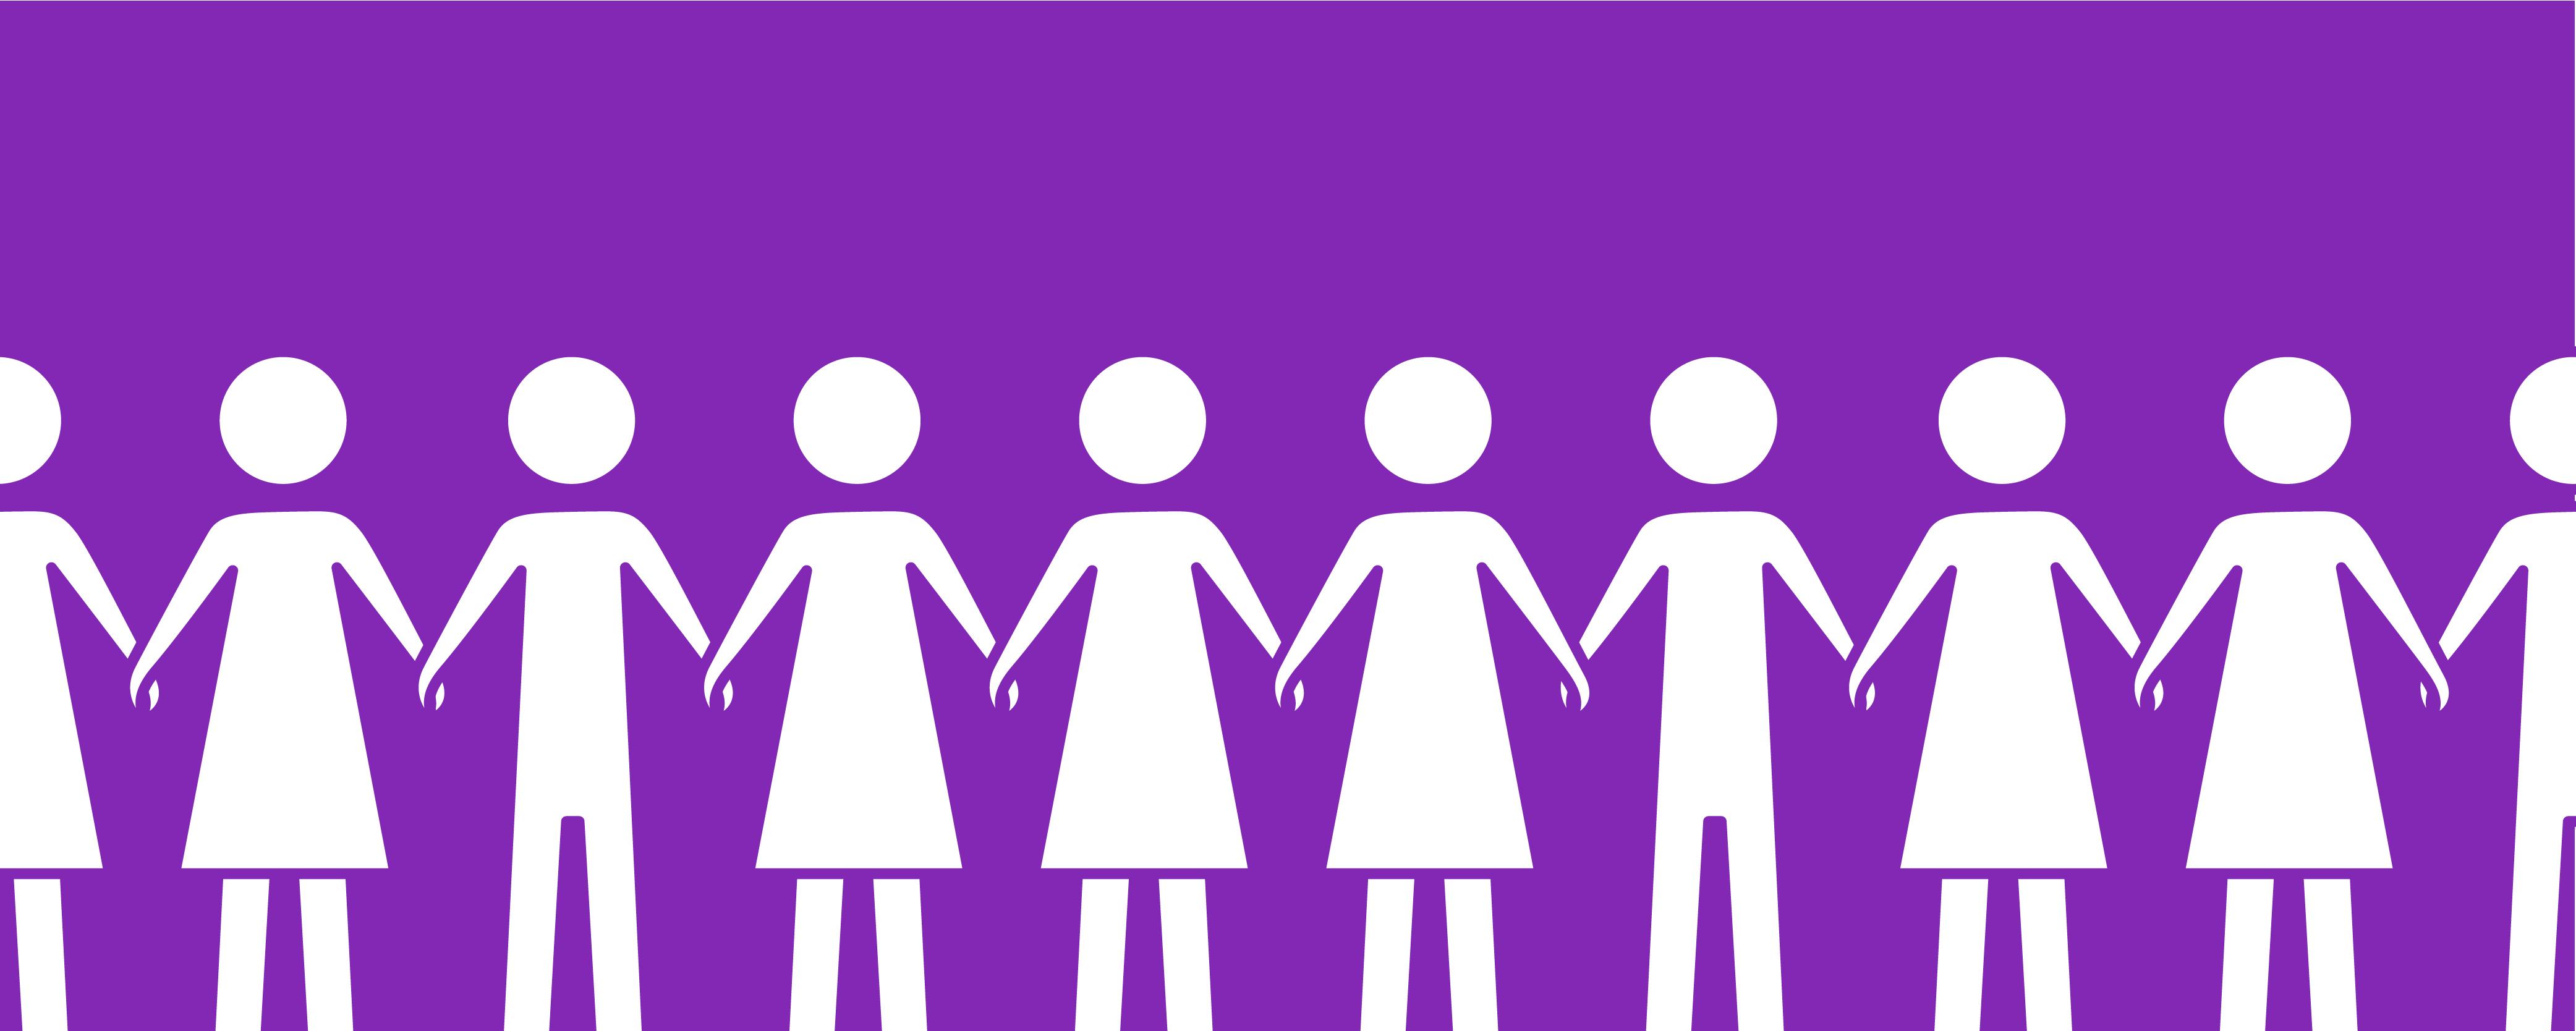 Le Forum sur le leadership des femmes participe à la parité des sexes au travail